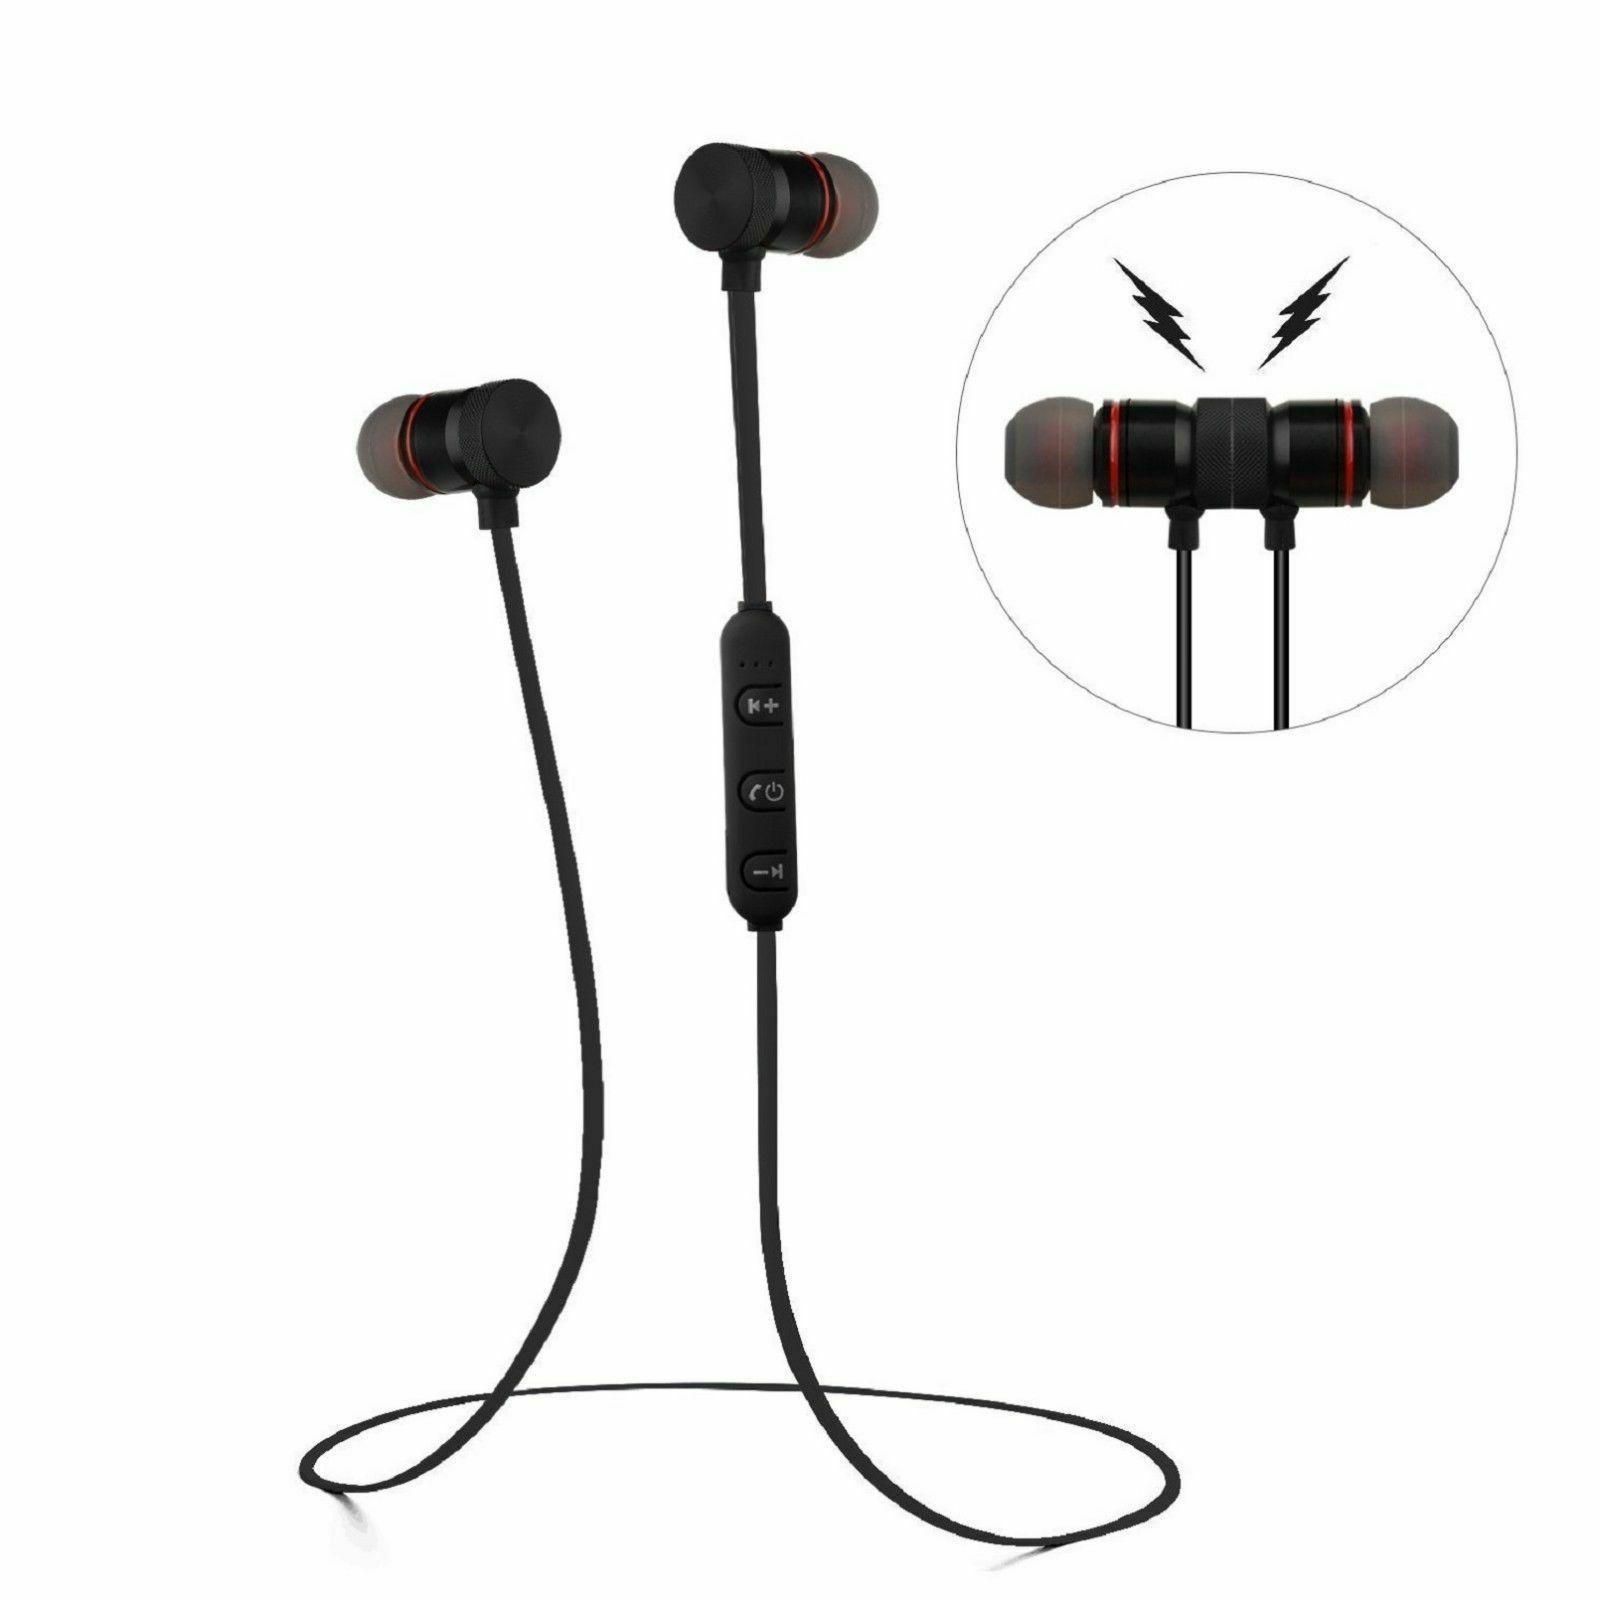 Wireless Twin Bluetooth Earbuds In-Ear Stereo Earphones Headset Headphones